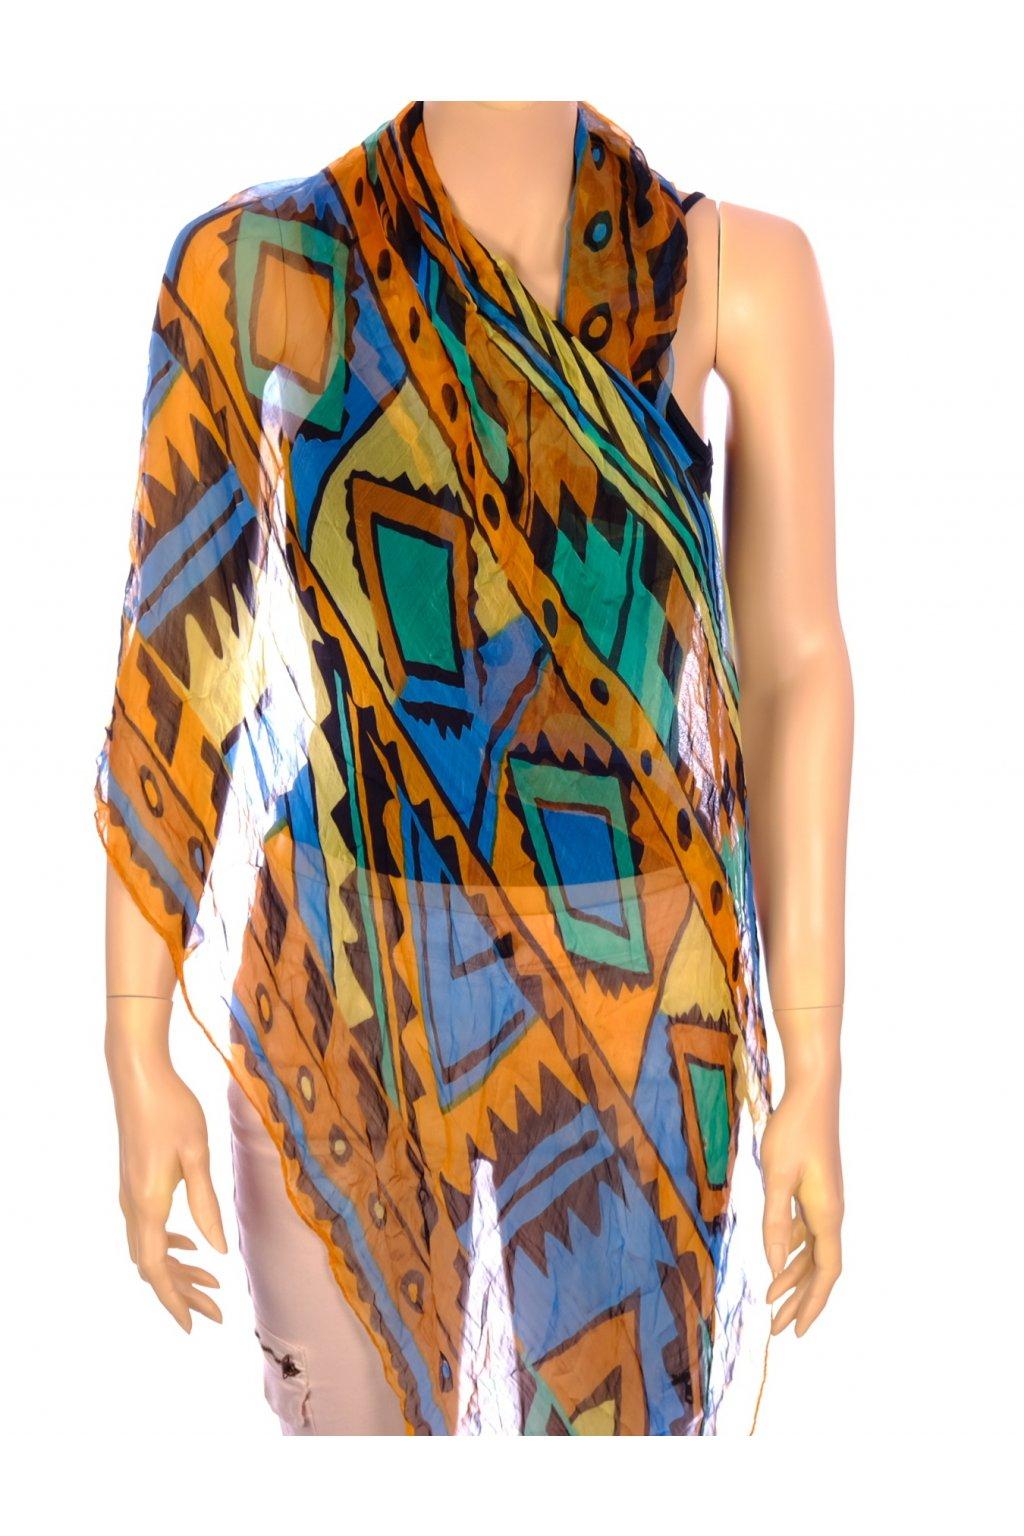 Šátek barevný indiánský vzor